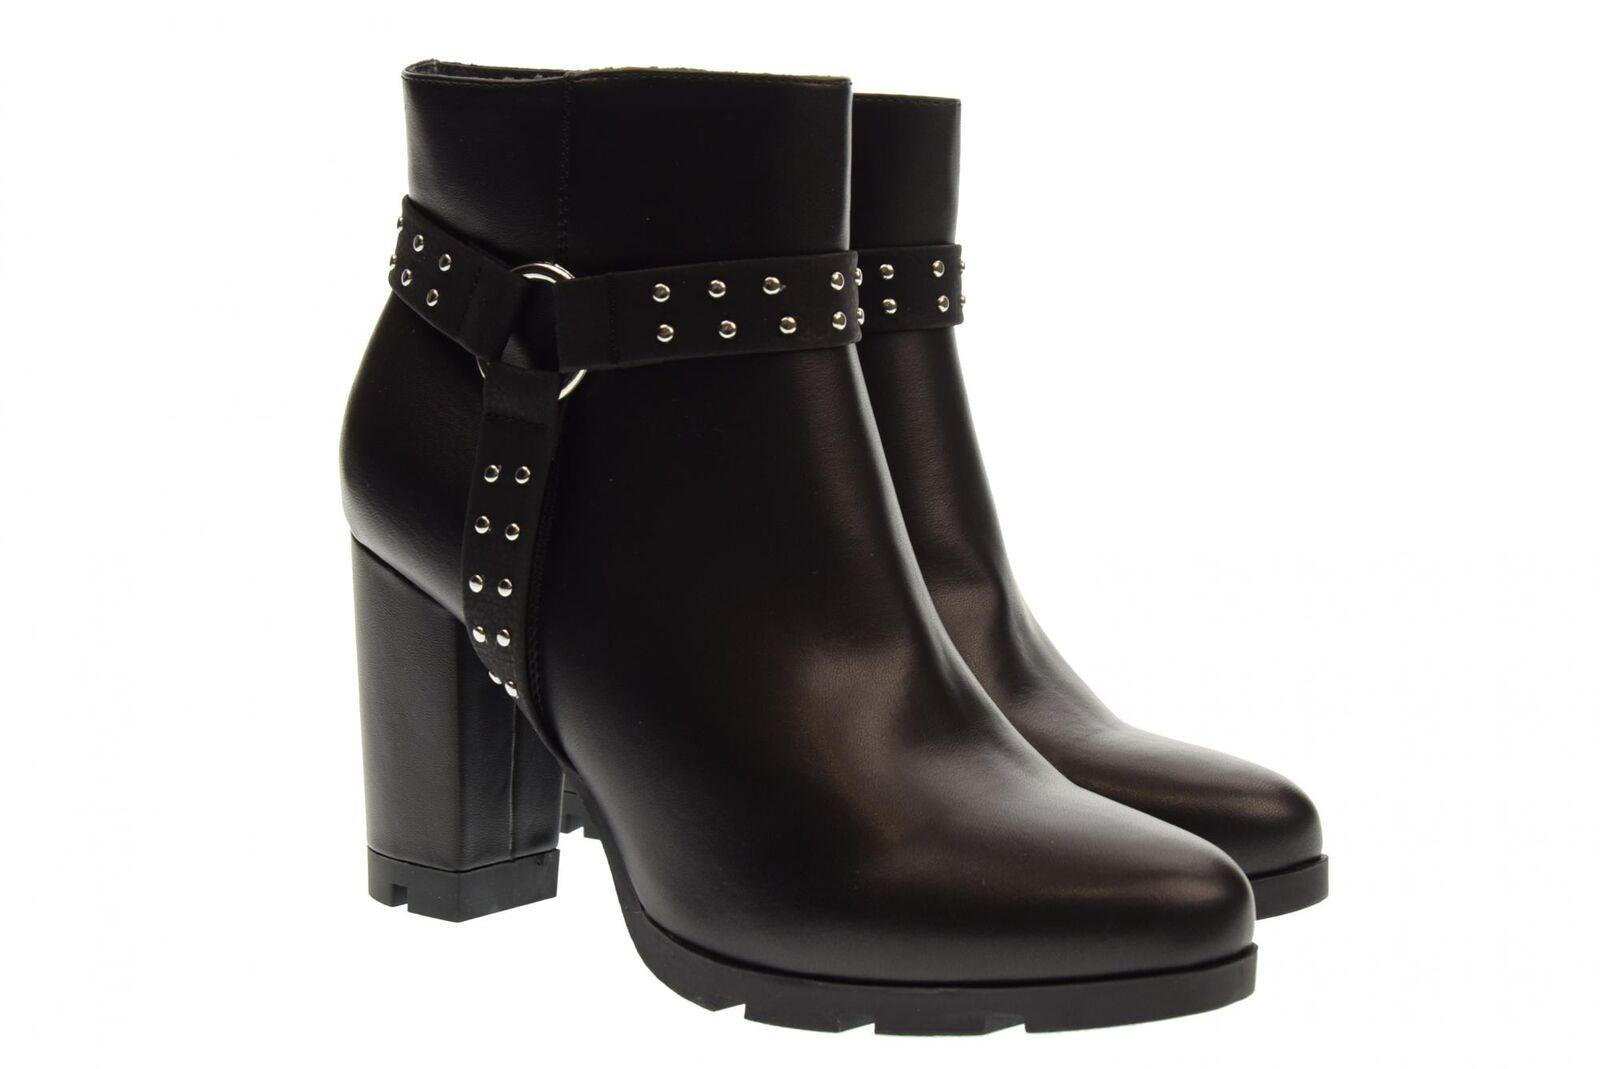 MariaMare A18us Zapatos Zapatos Zapatos botas al tobillo de mujer 62216 C35275 Mily B  precios bajos todos los dias